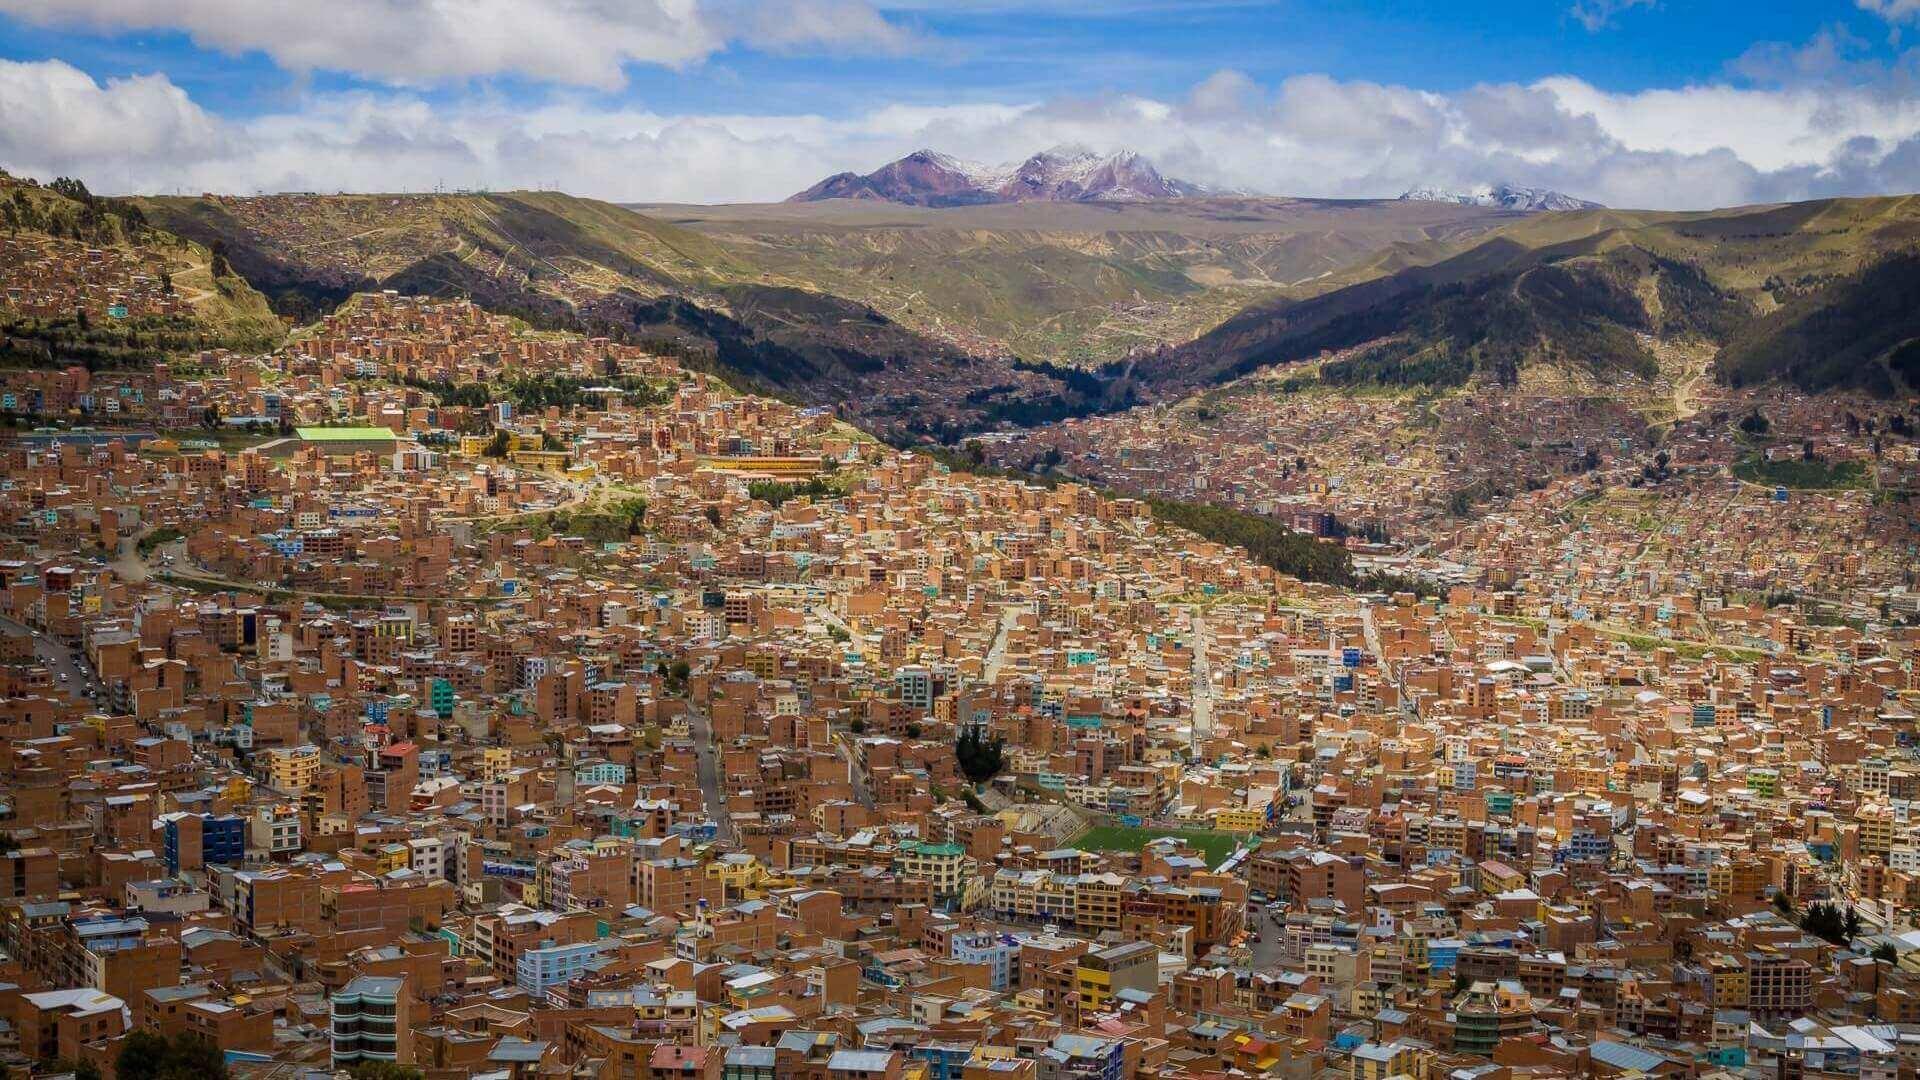 Uitzicht over de daken van La Paz in Bolivia